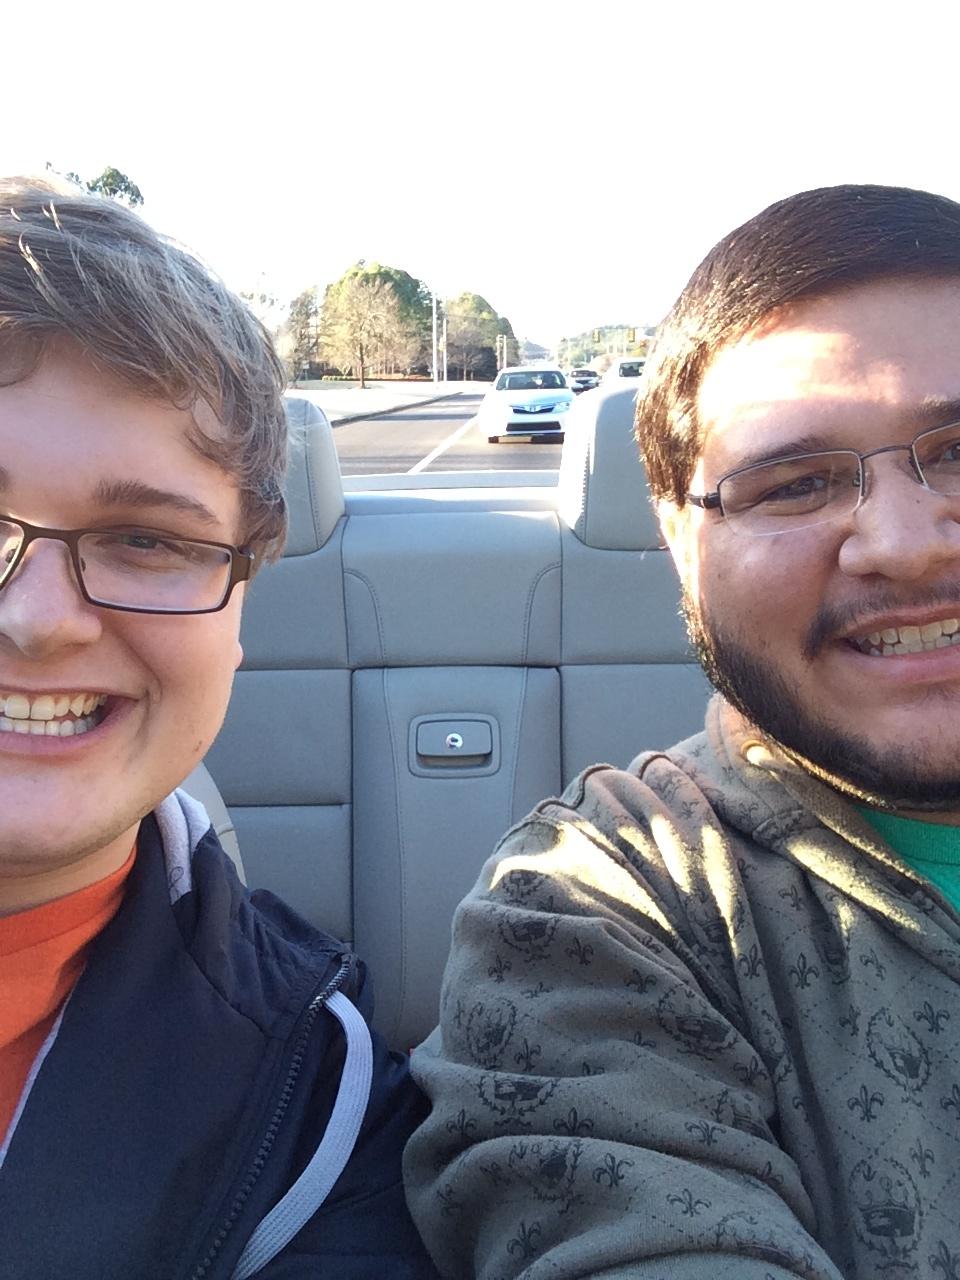 adam loved his new volkswagen convertible